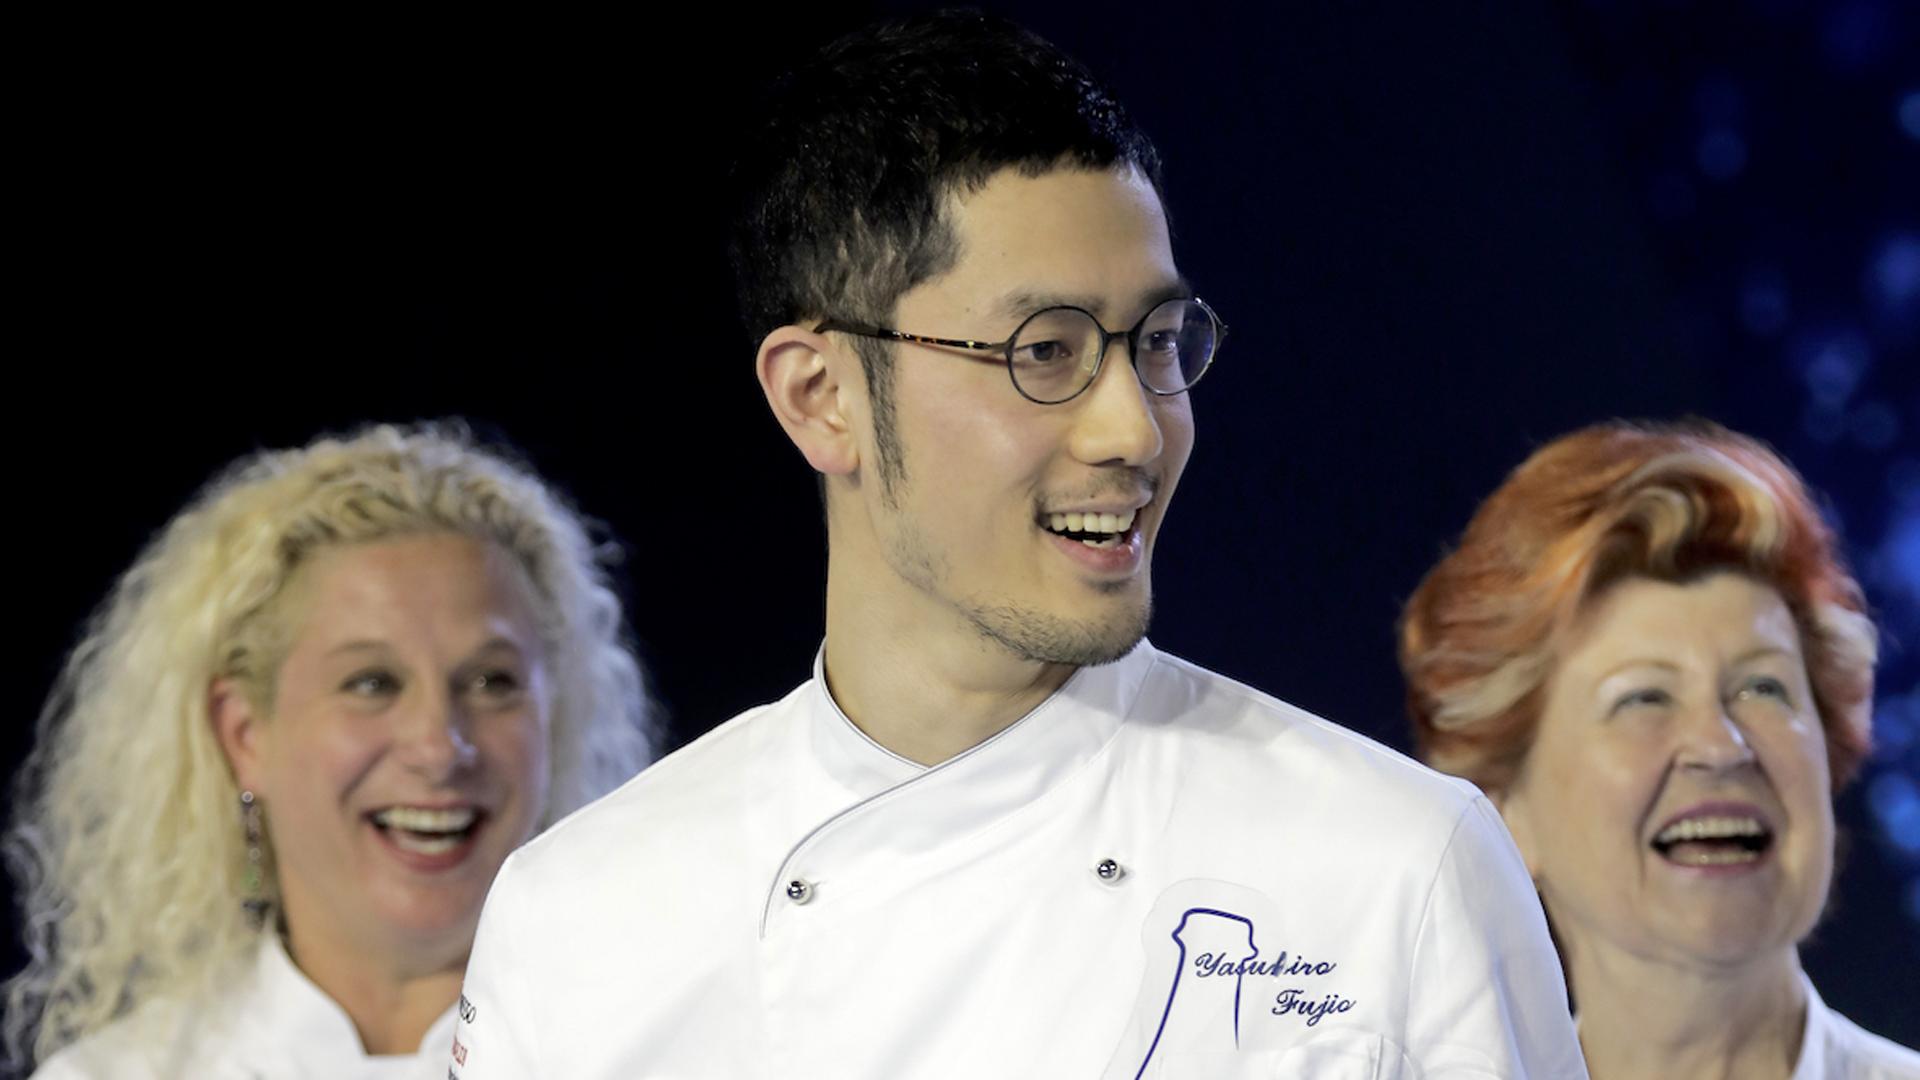 Il giapponese Yasuhiro Fujio ha vinto il S.Pellegrino Young Chef